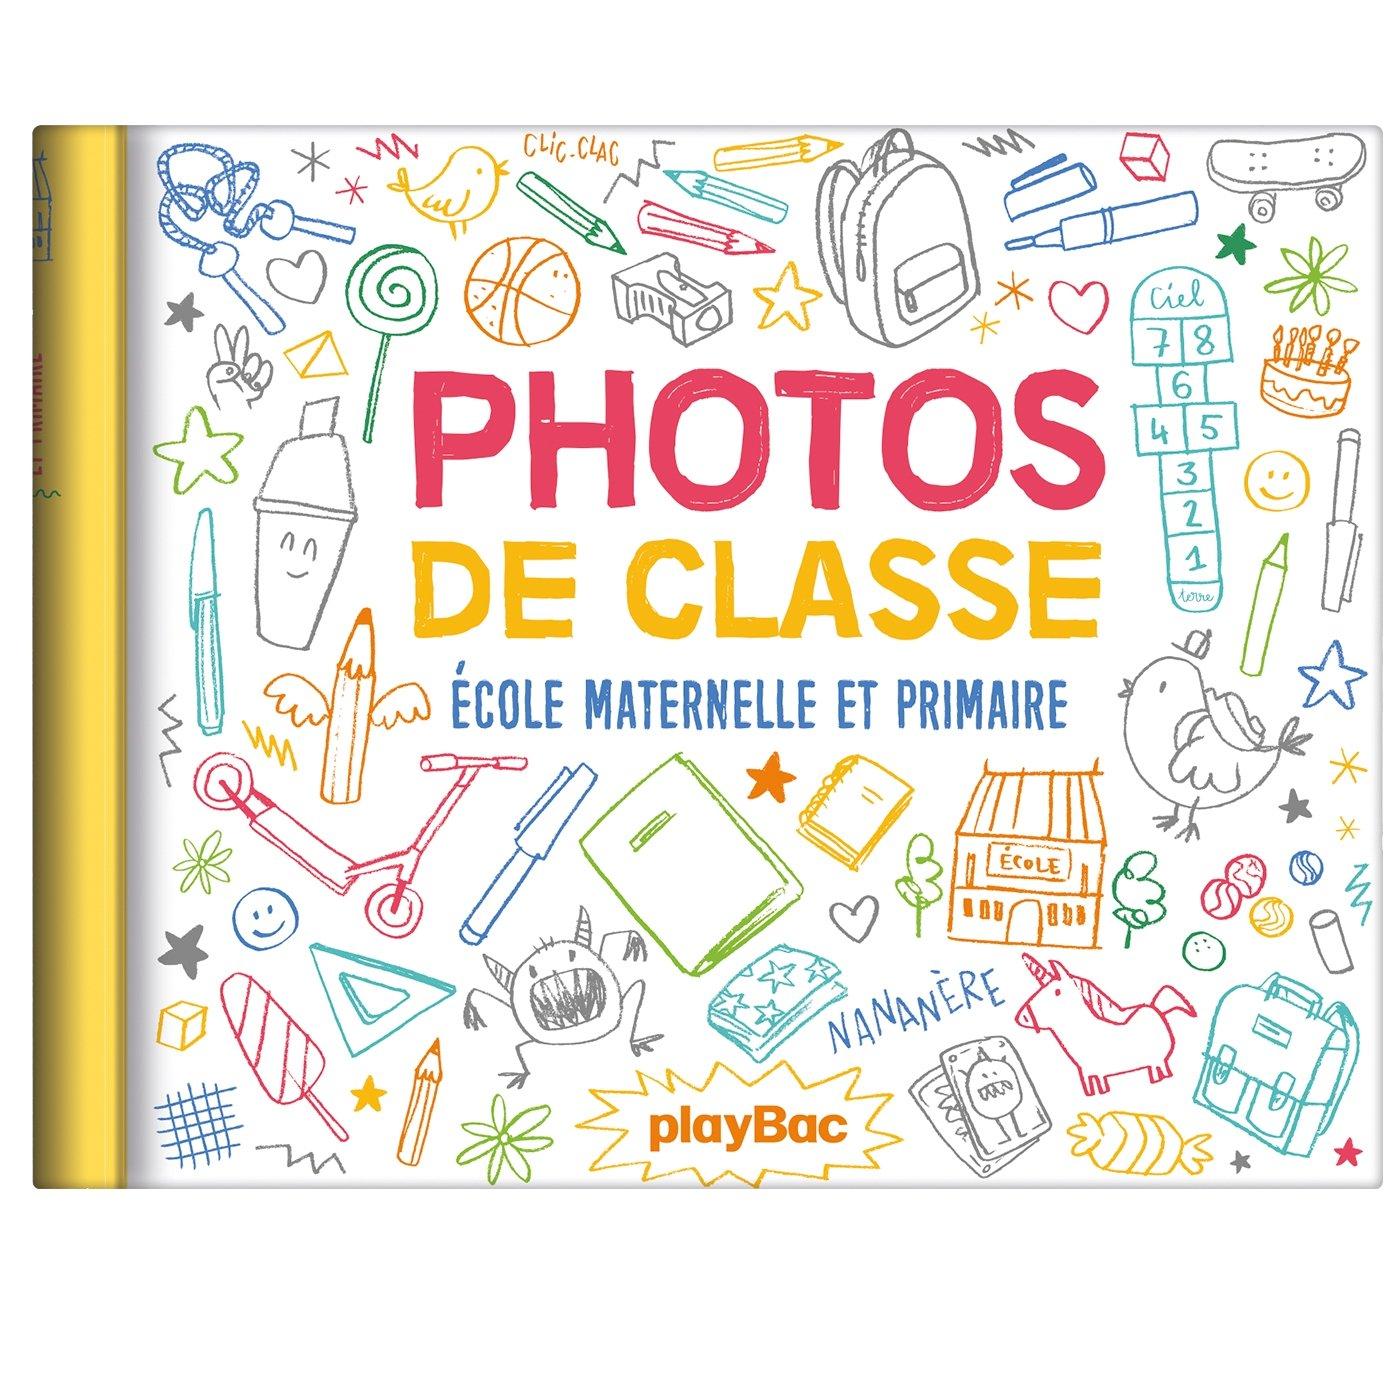 Mon album photos de classe - Maternelle/Primaire - édition 2018 Reliure à spirales – 22 août 2018 Play Bac 2809663335 agendas...) Jeux et activités